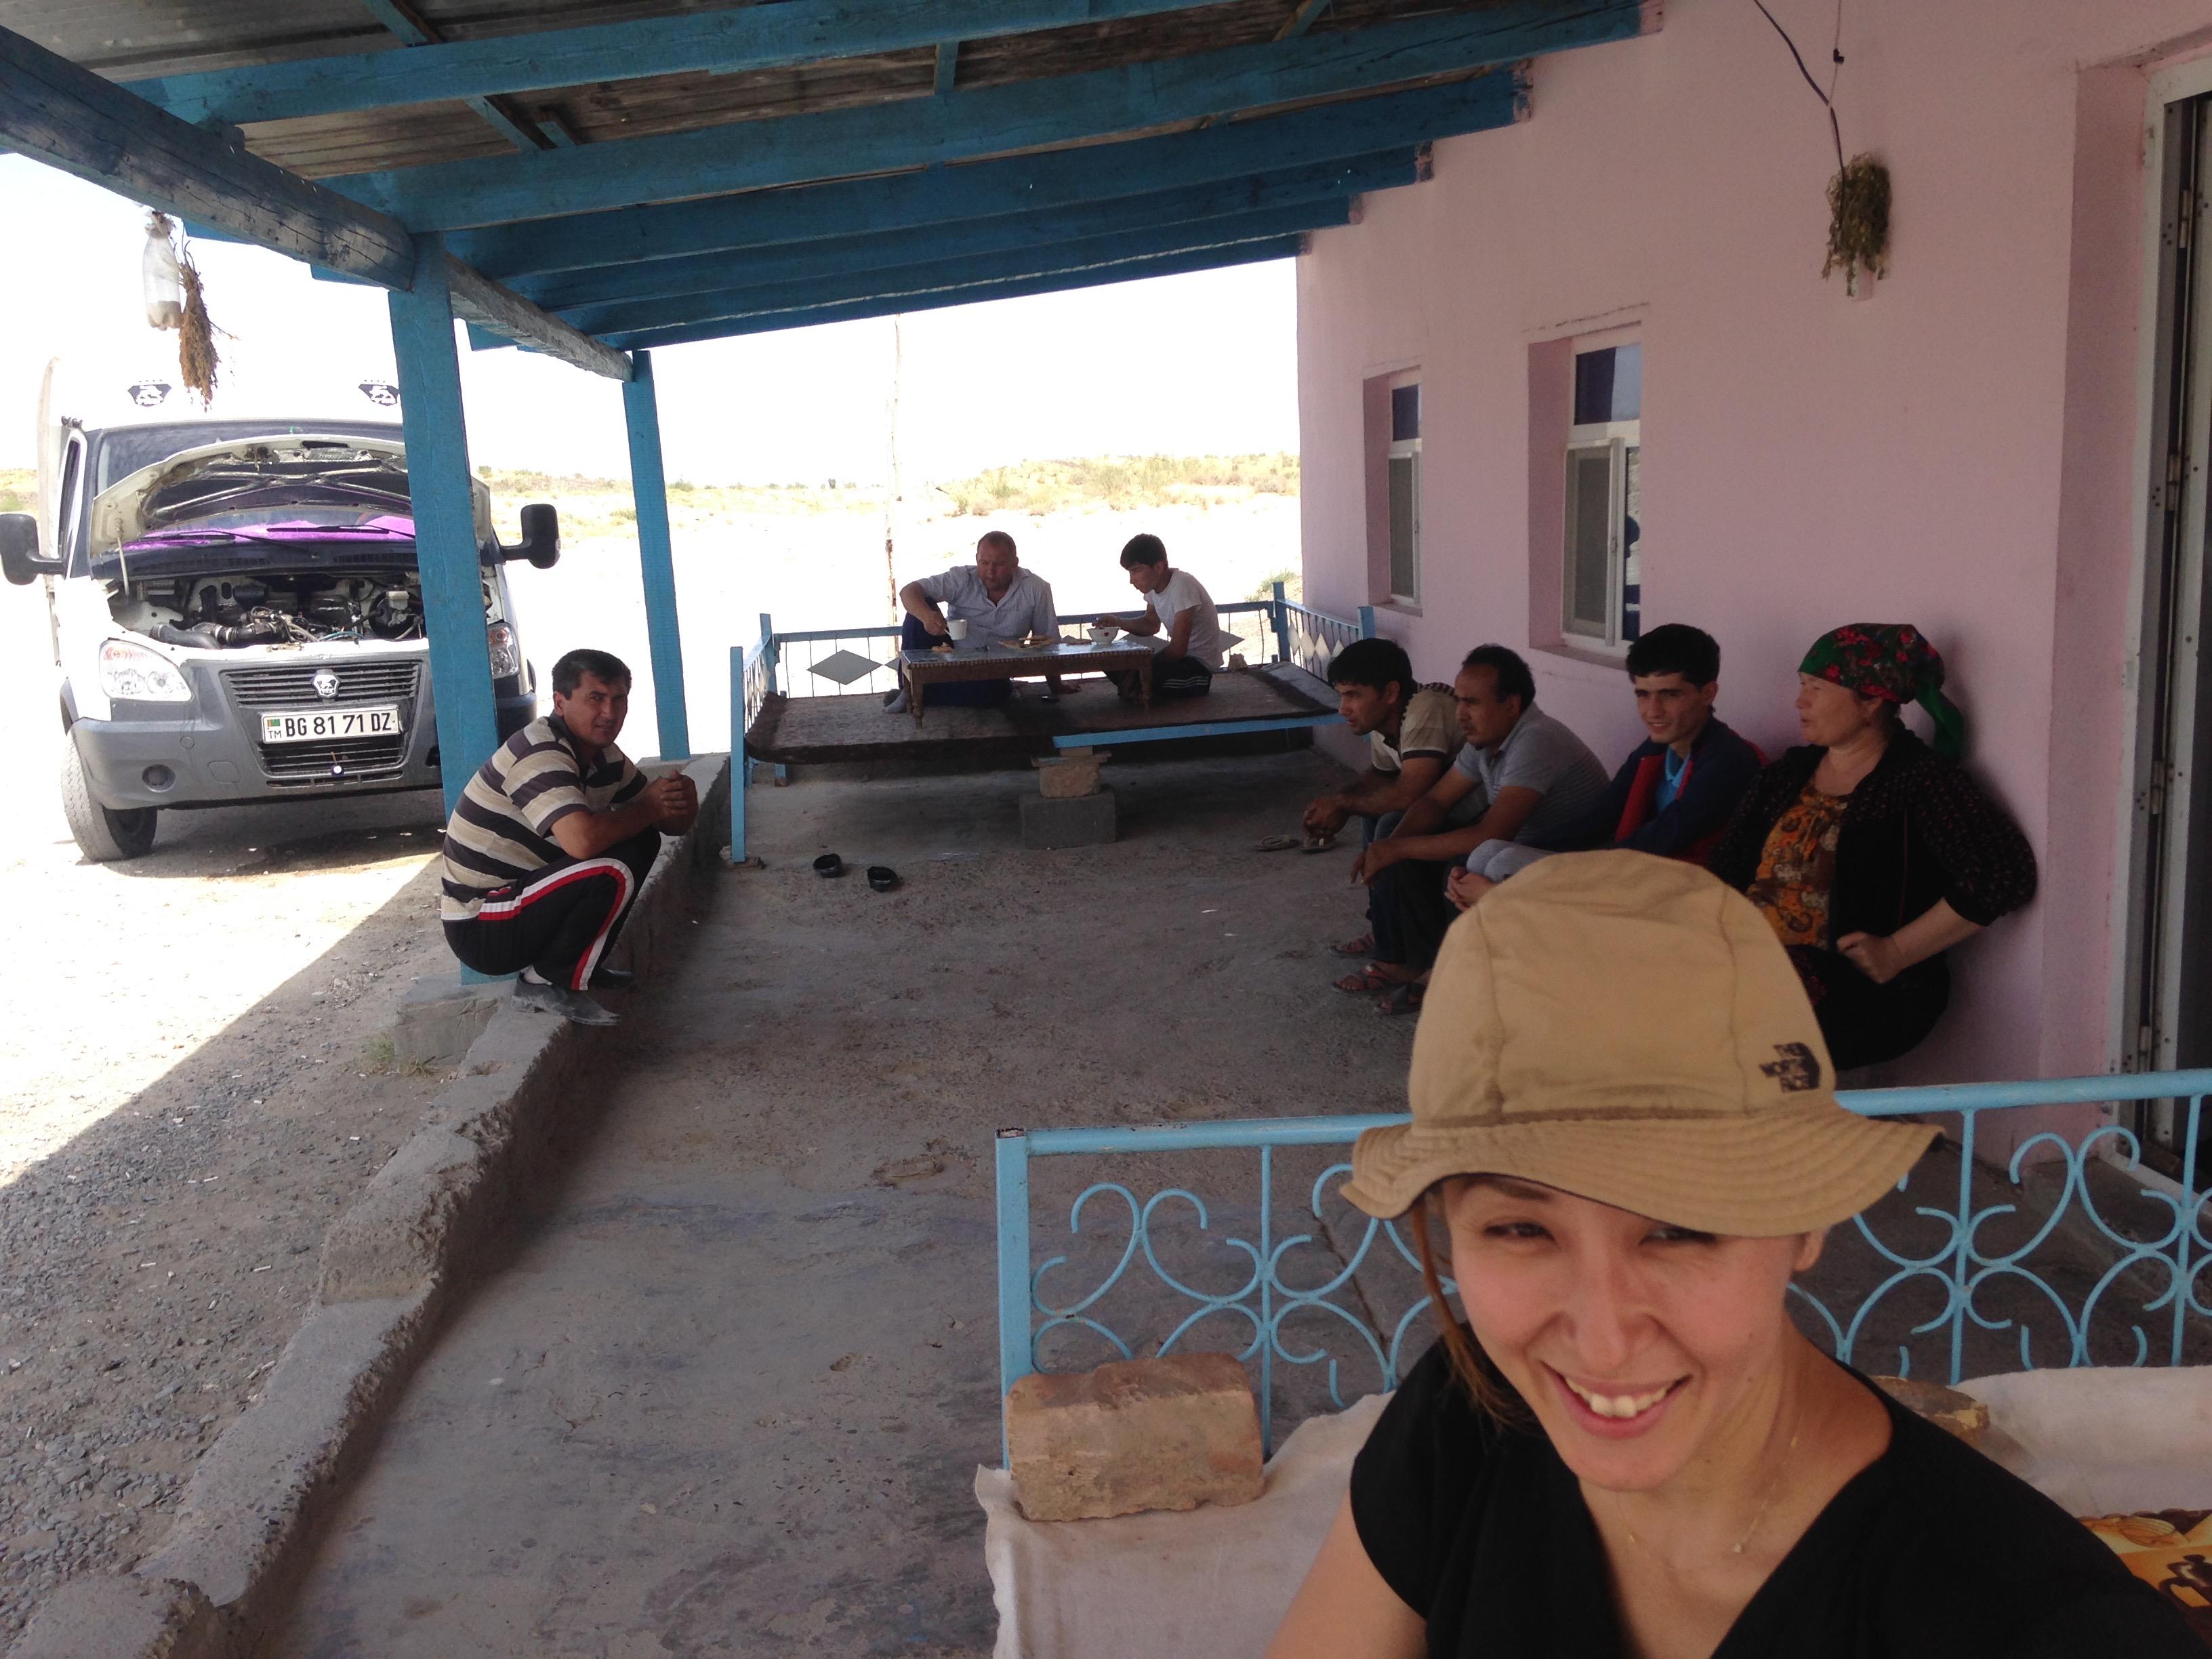 地獄の門,行き方,必見,電車,徒歩,ダルヴァザ,トルクメニスタン,世界一周,旅,夫婦,ブログ